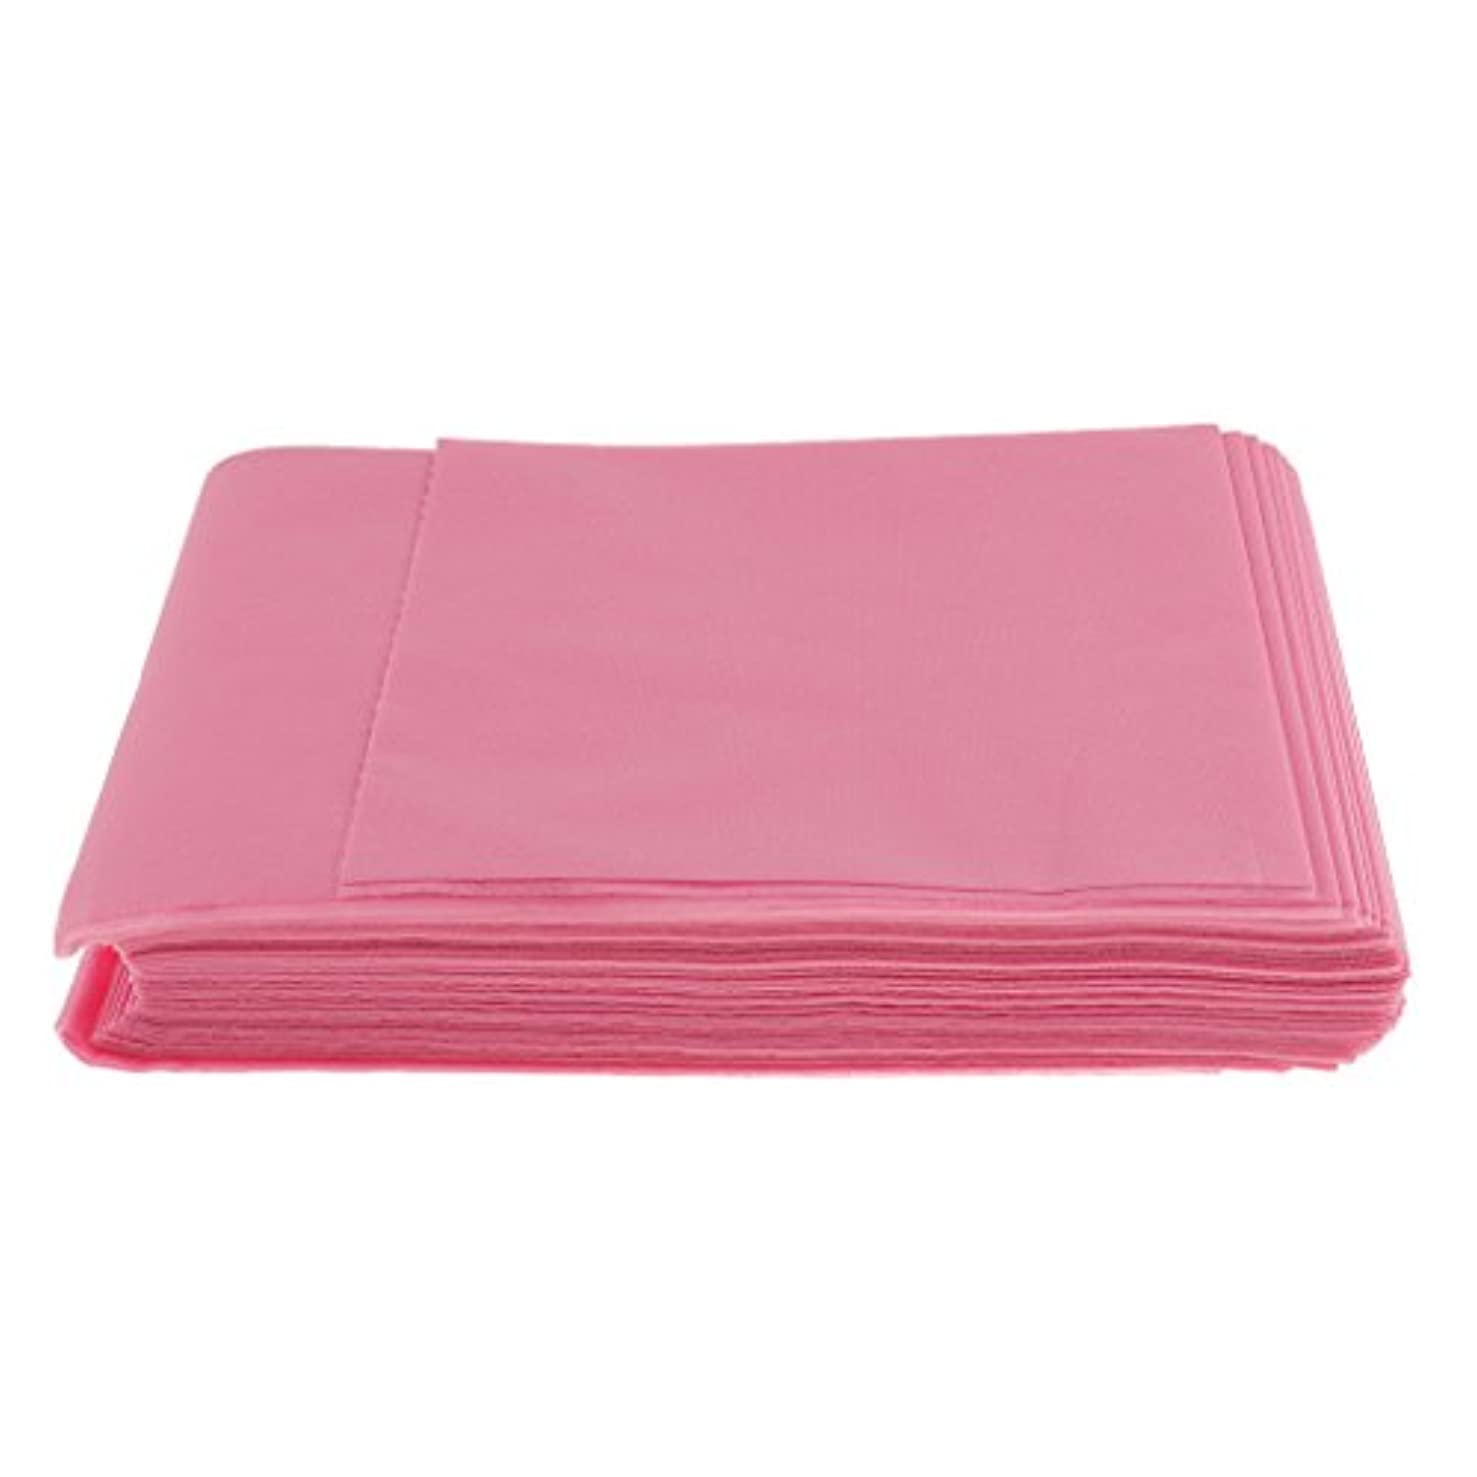 リストエイズ光沢10枚入り 使い捨て 美容室/マッサージ/サロン/ホテル ベッドパッド 無織PP 衛生シート 全3色選べ - ピンク